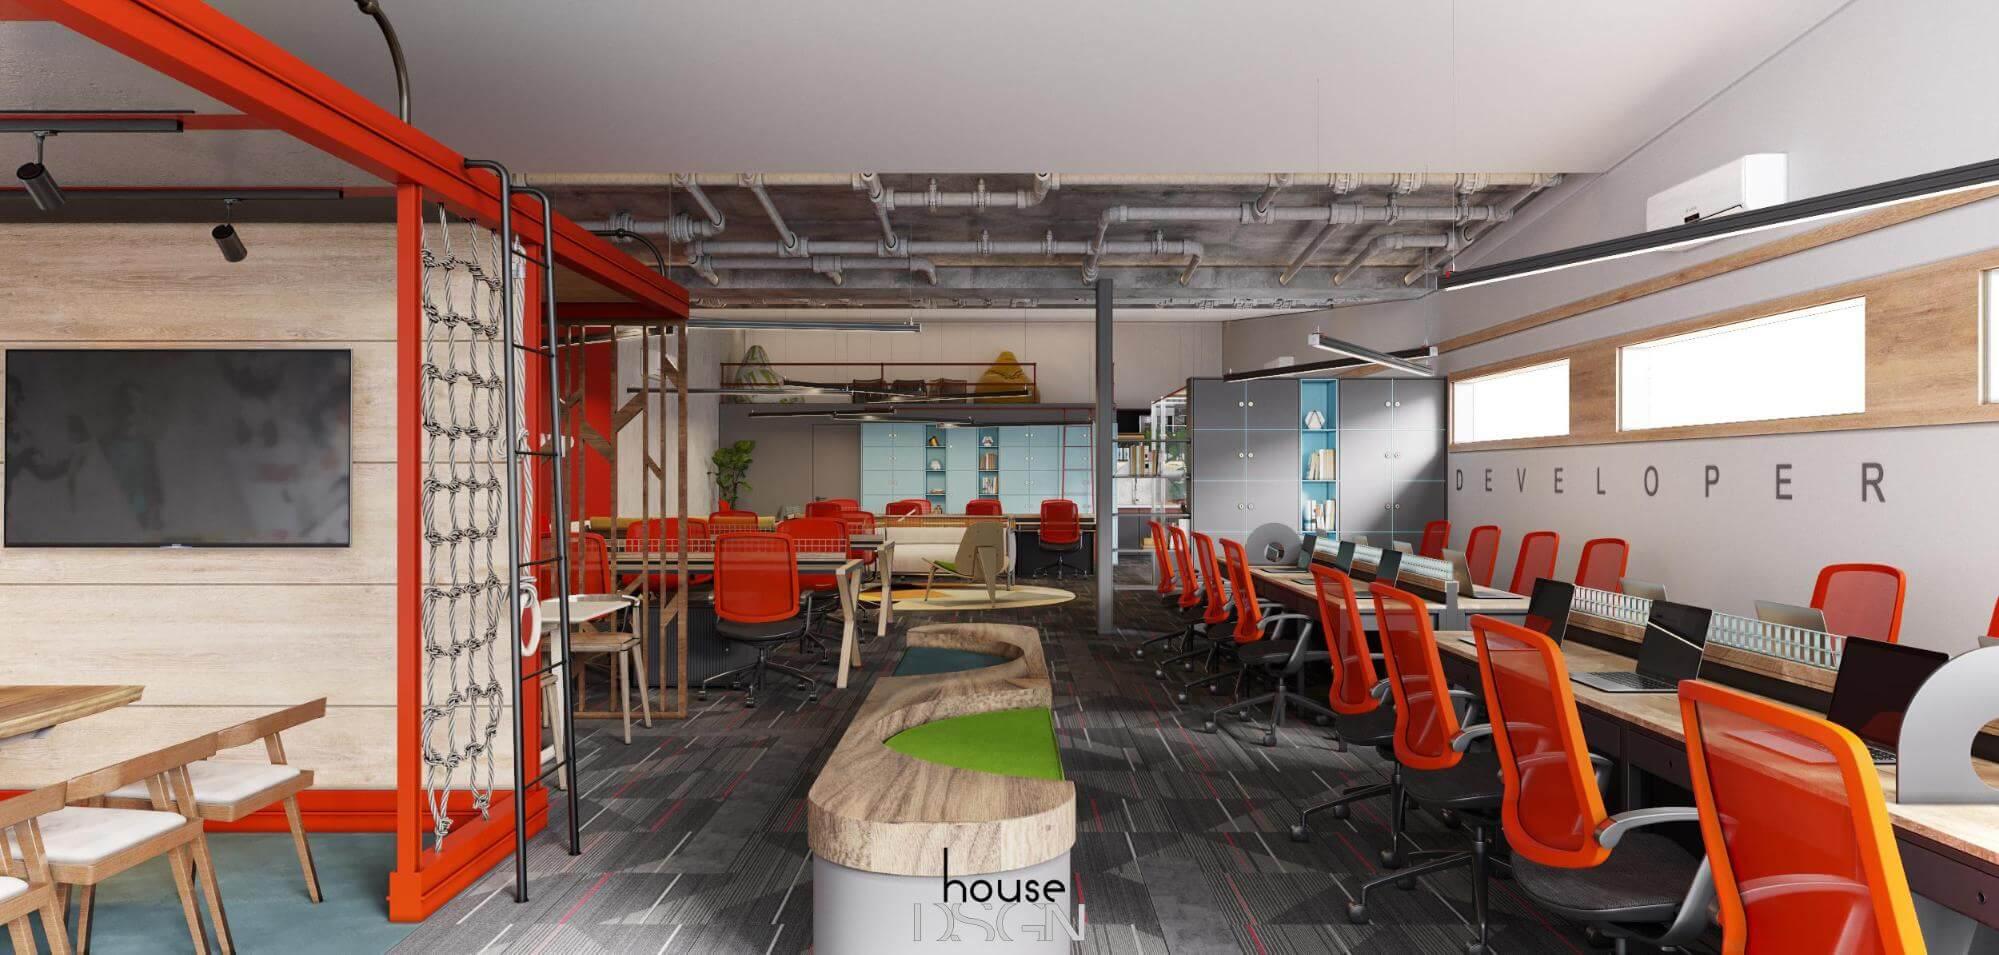 thi công và thiết kế nội thất văn phòng giá rẻ